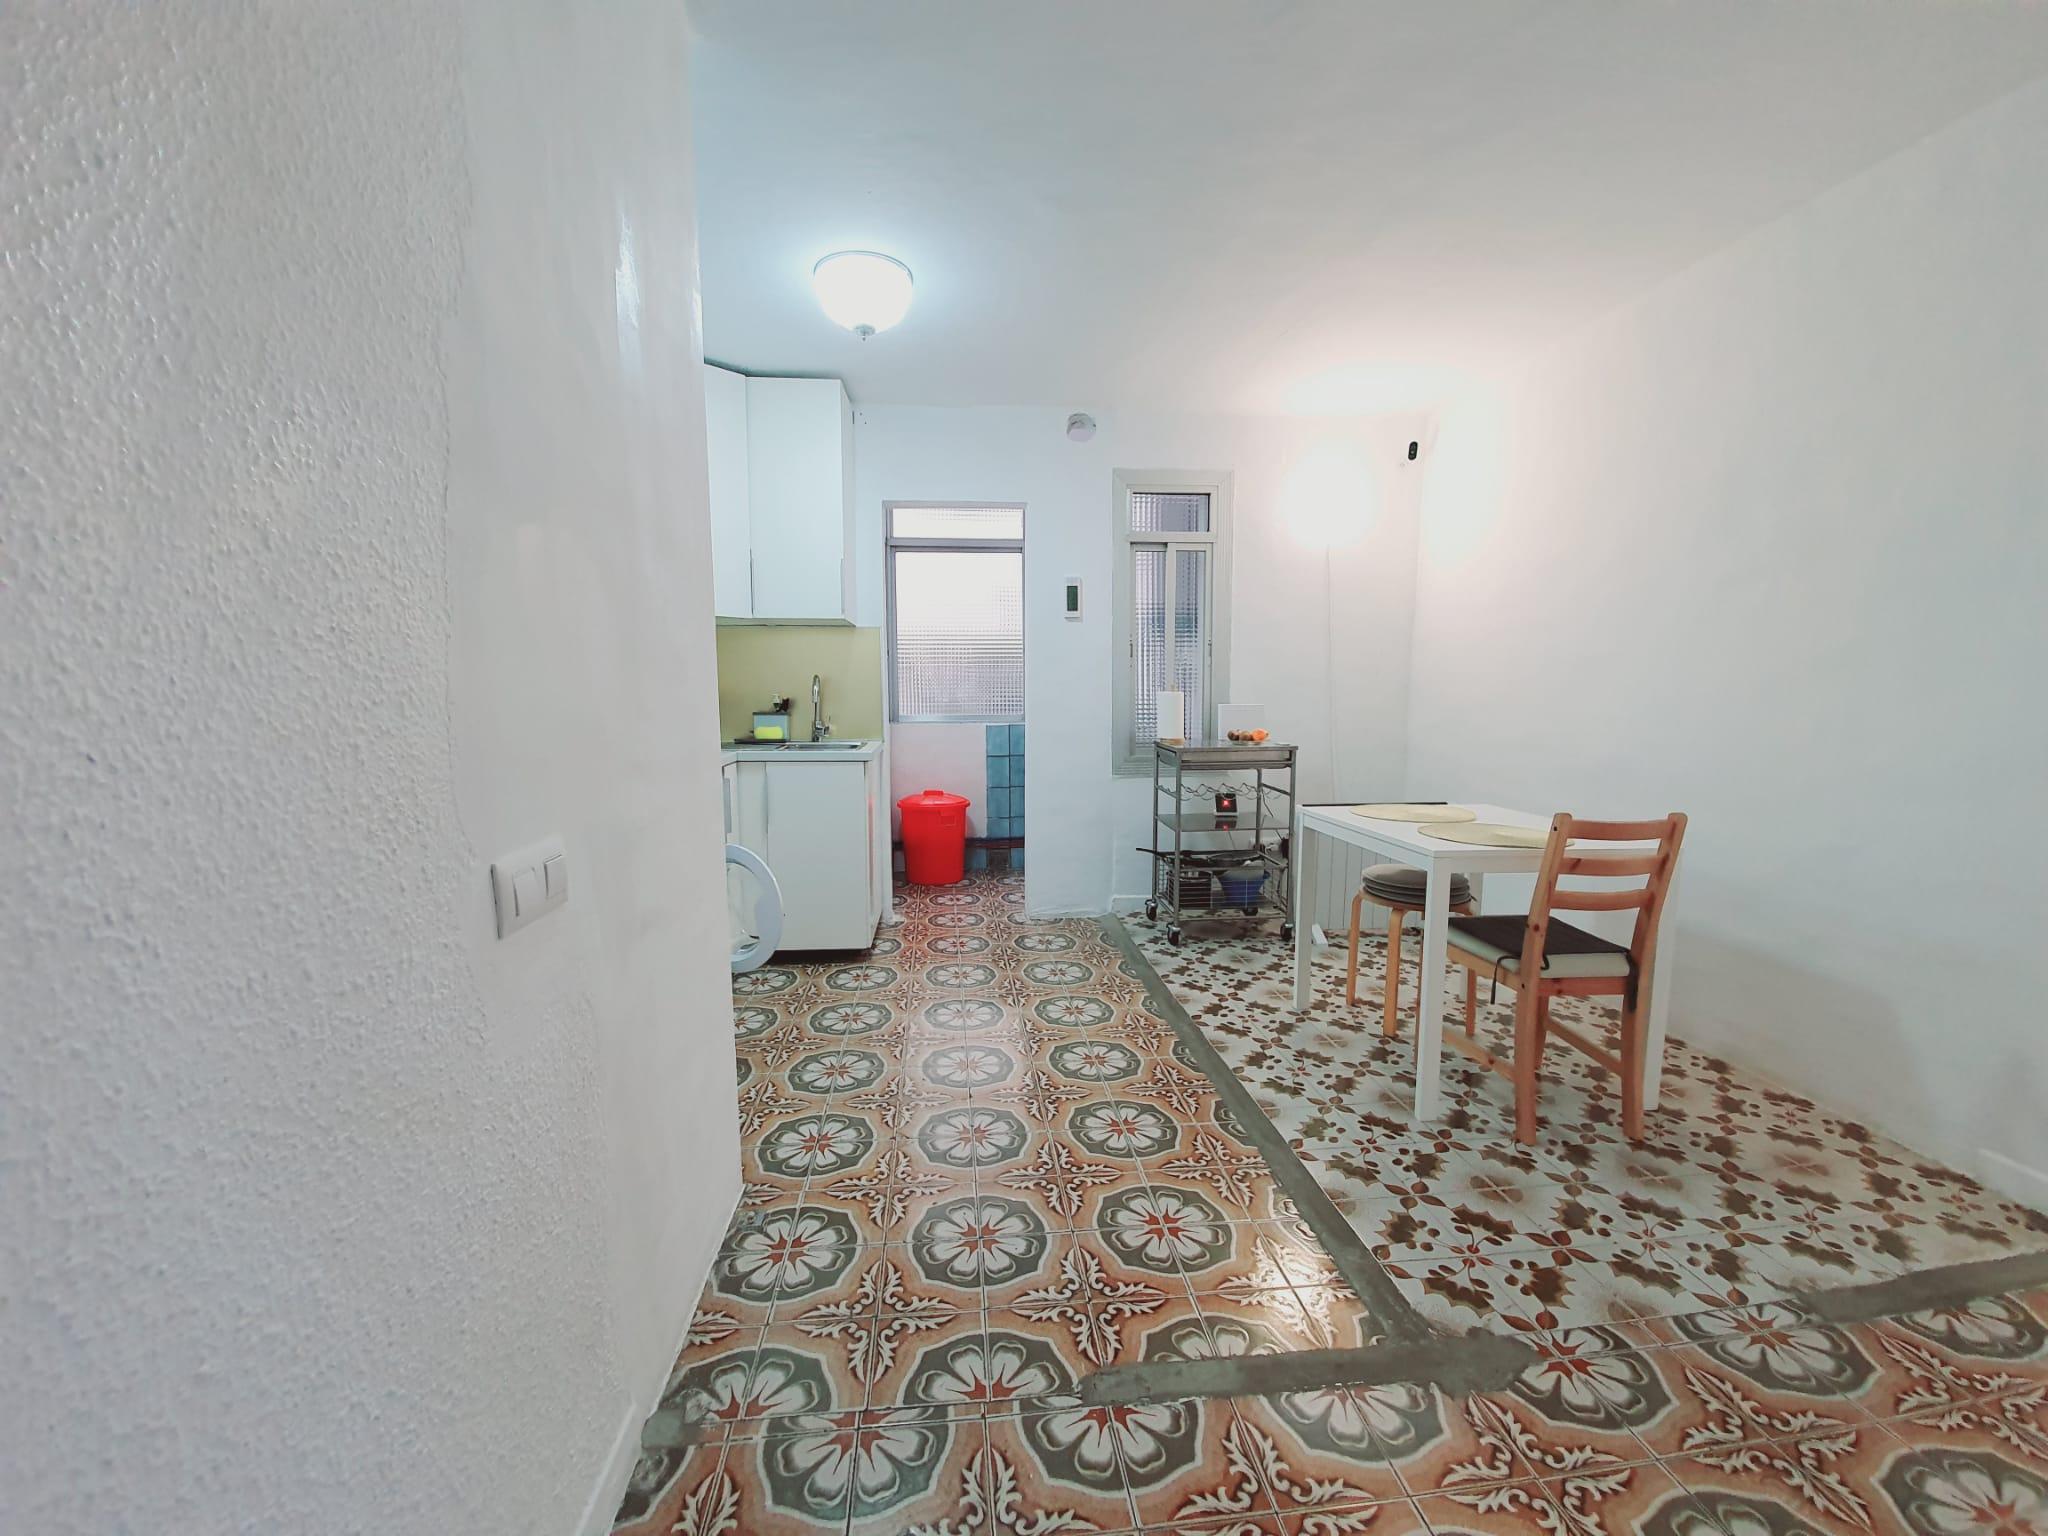 Piso en Pubilla cases en L'Hospitalet de llobregat en Venta por 157.000€